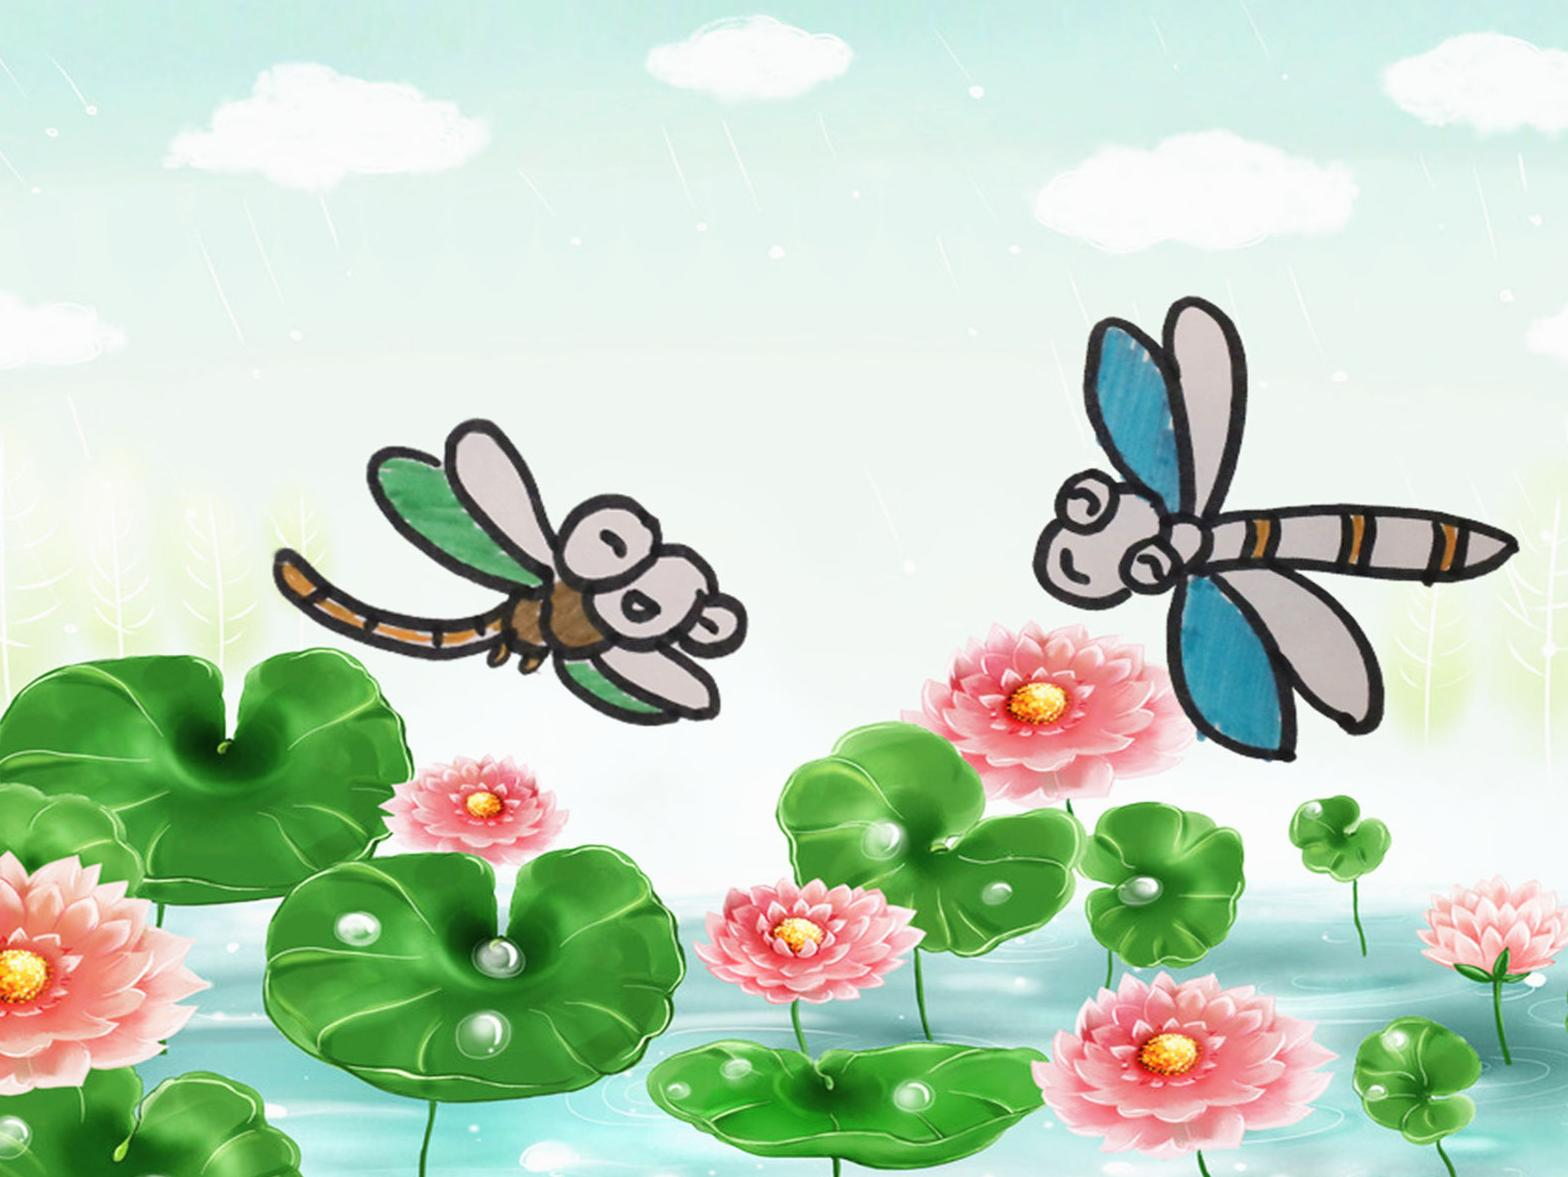 分享蜻蜓的简笔画画法,卡通蜻蜓 希望大家喜欢哦!   淘趣工坊出品